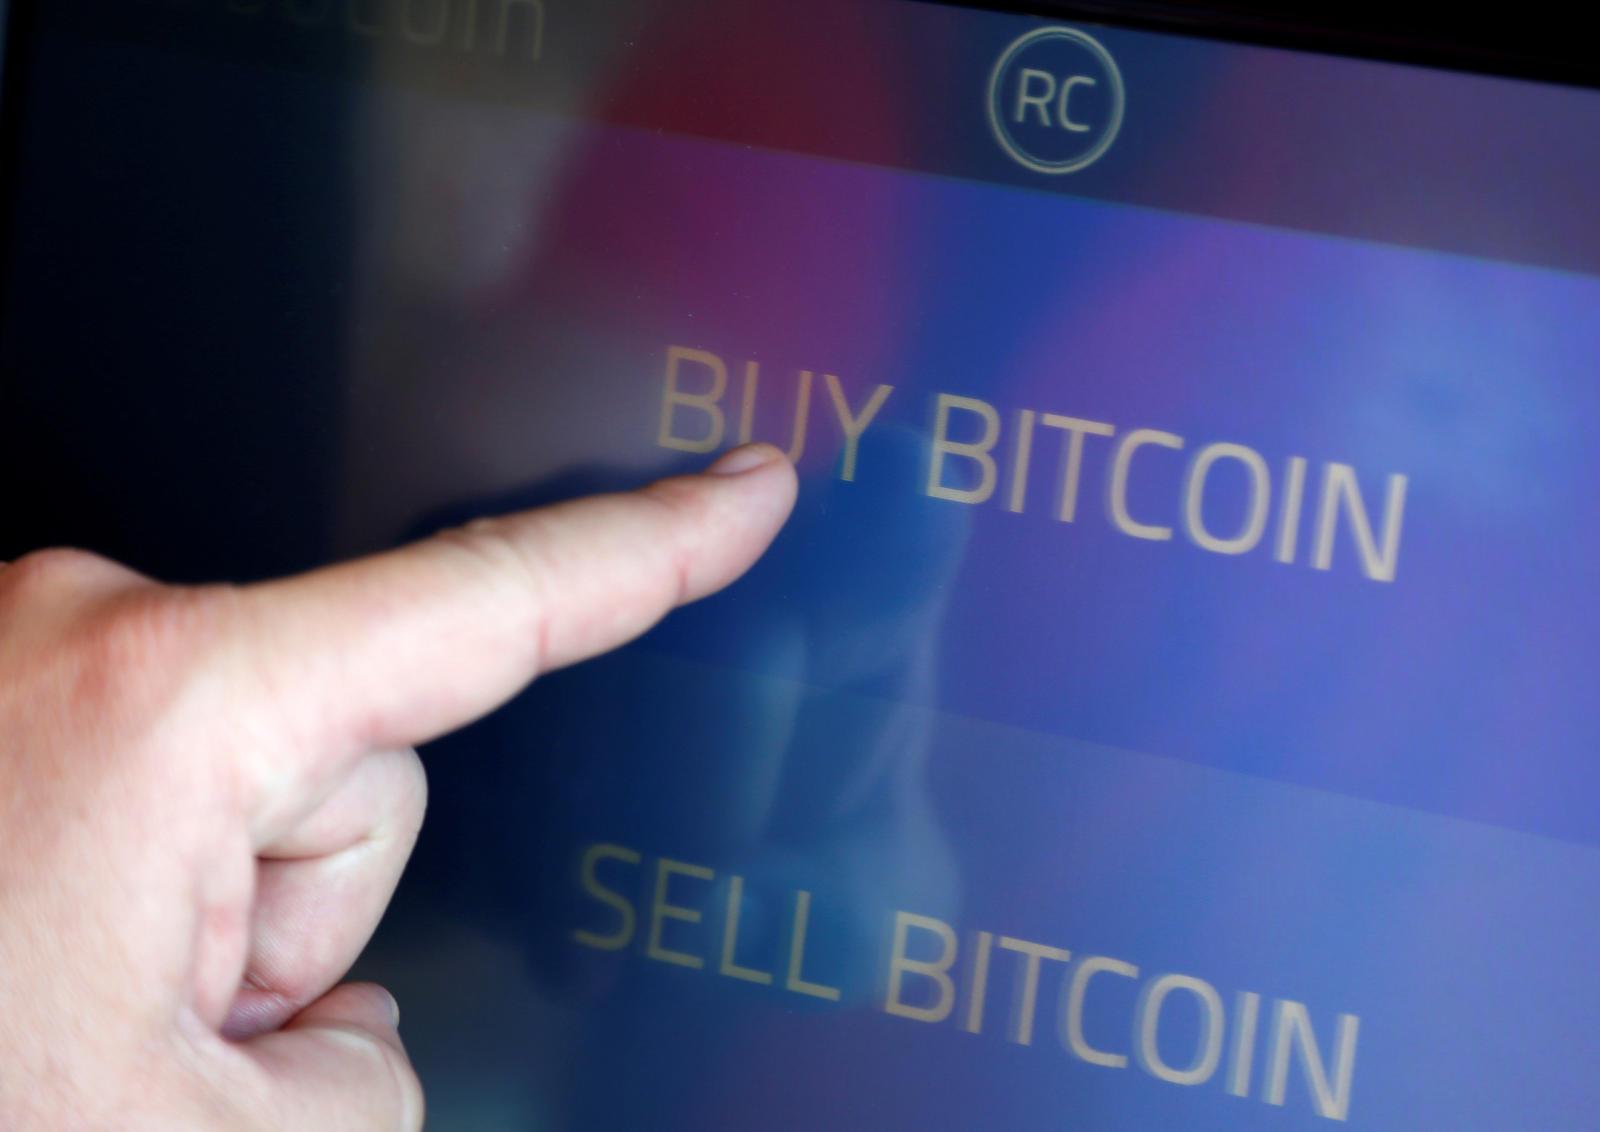 Galimybės užsidirbti namuose valiutos kriptografijos.